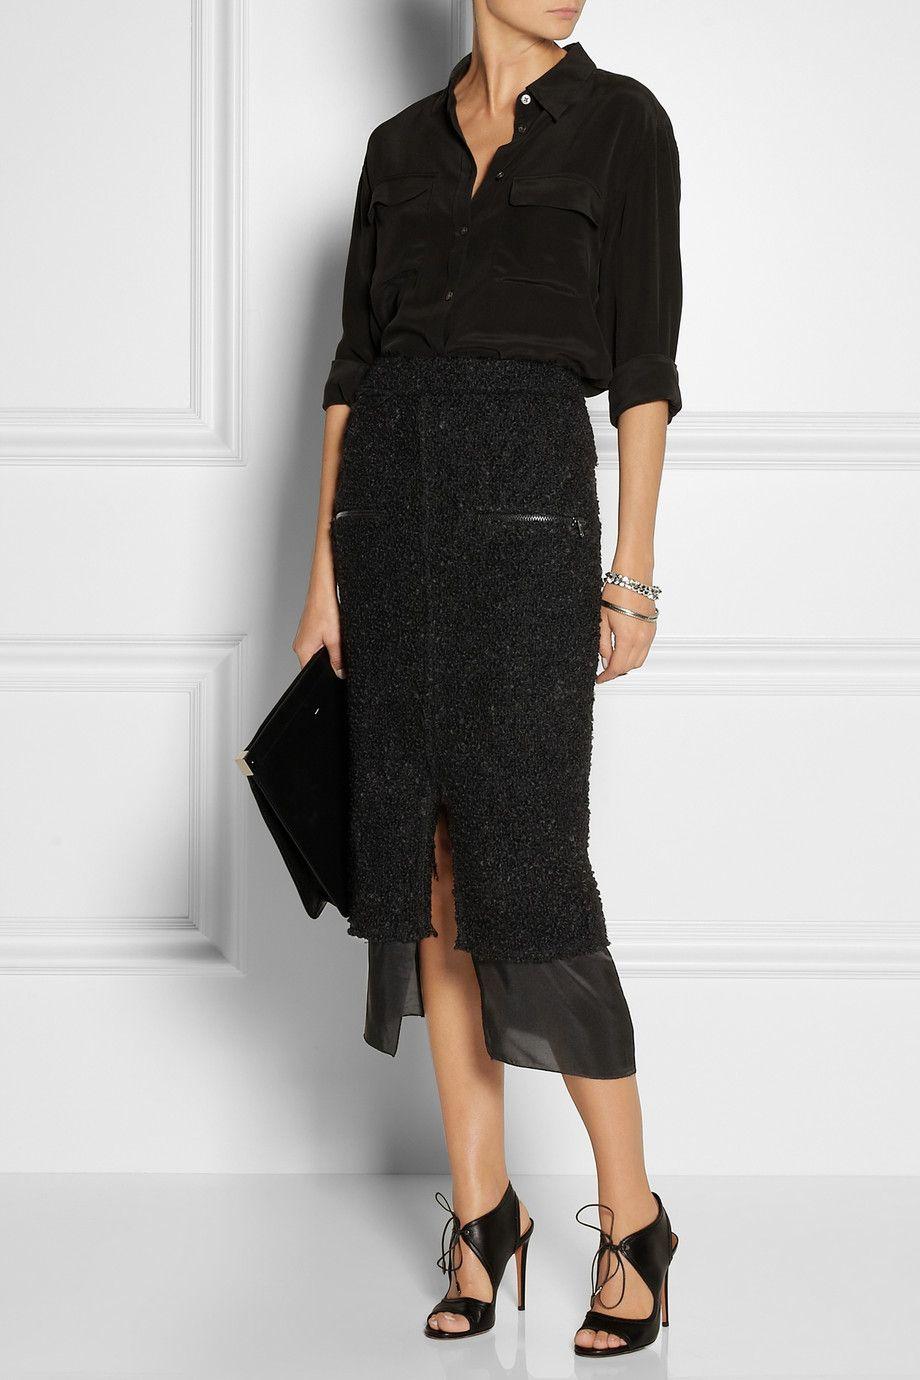 Form bouclé wool-blend skirt, ACNE